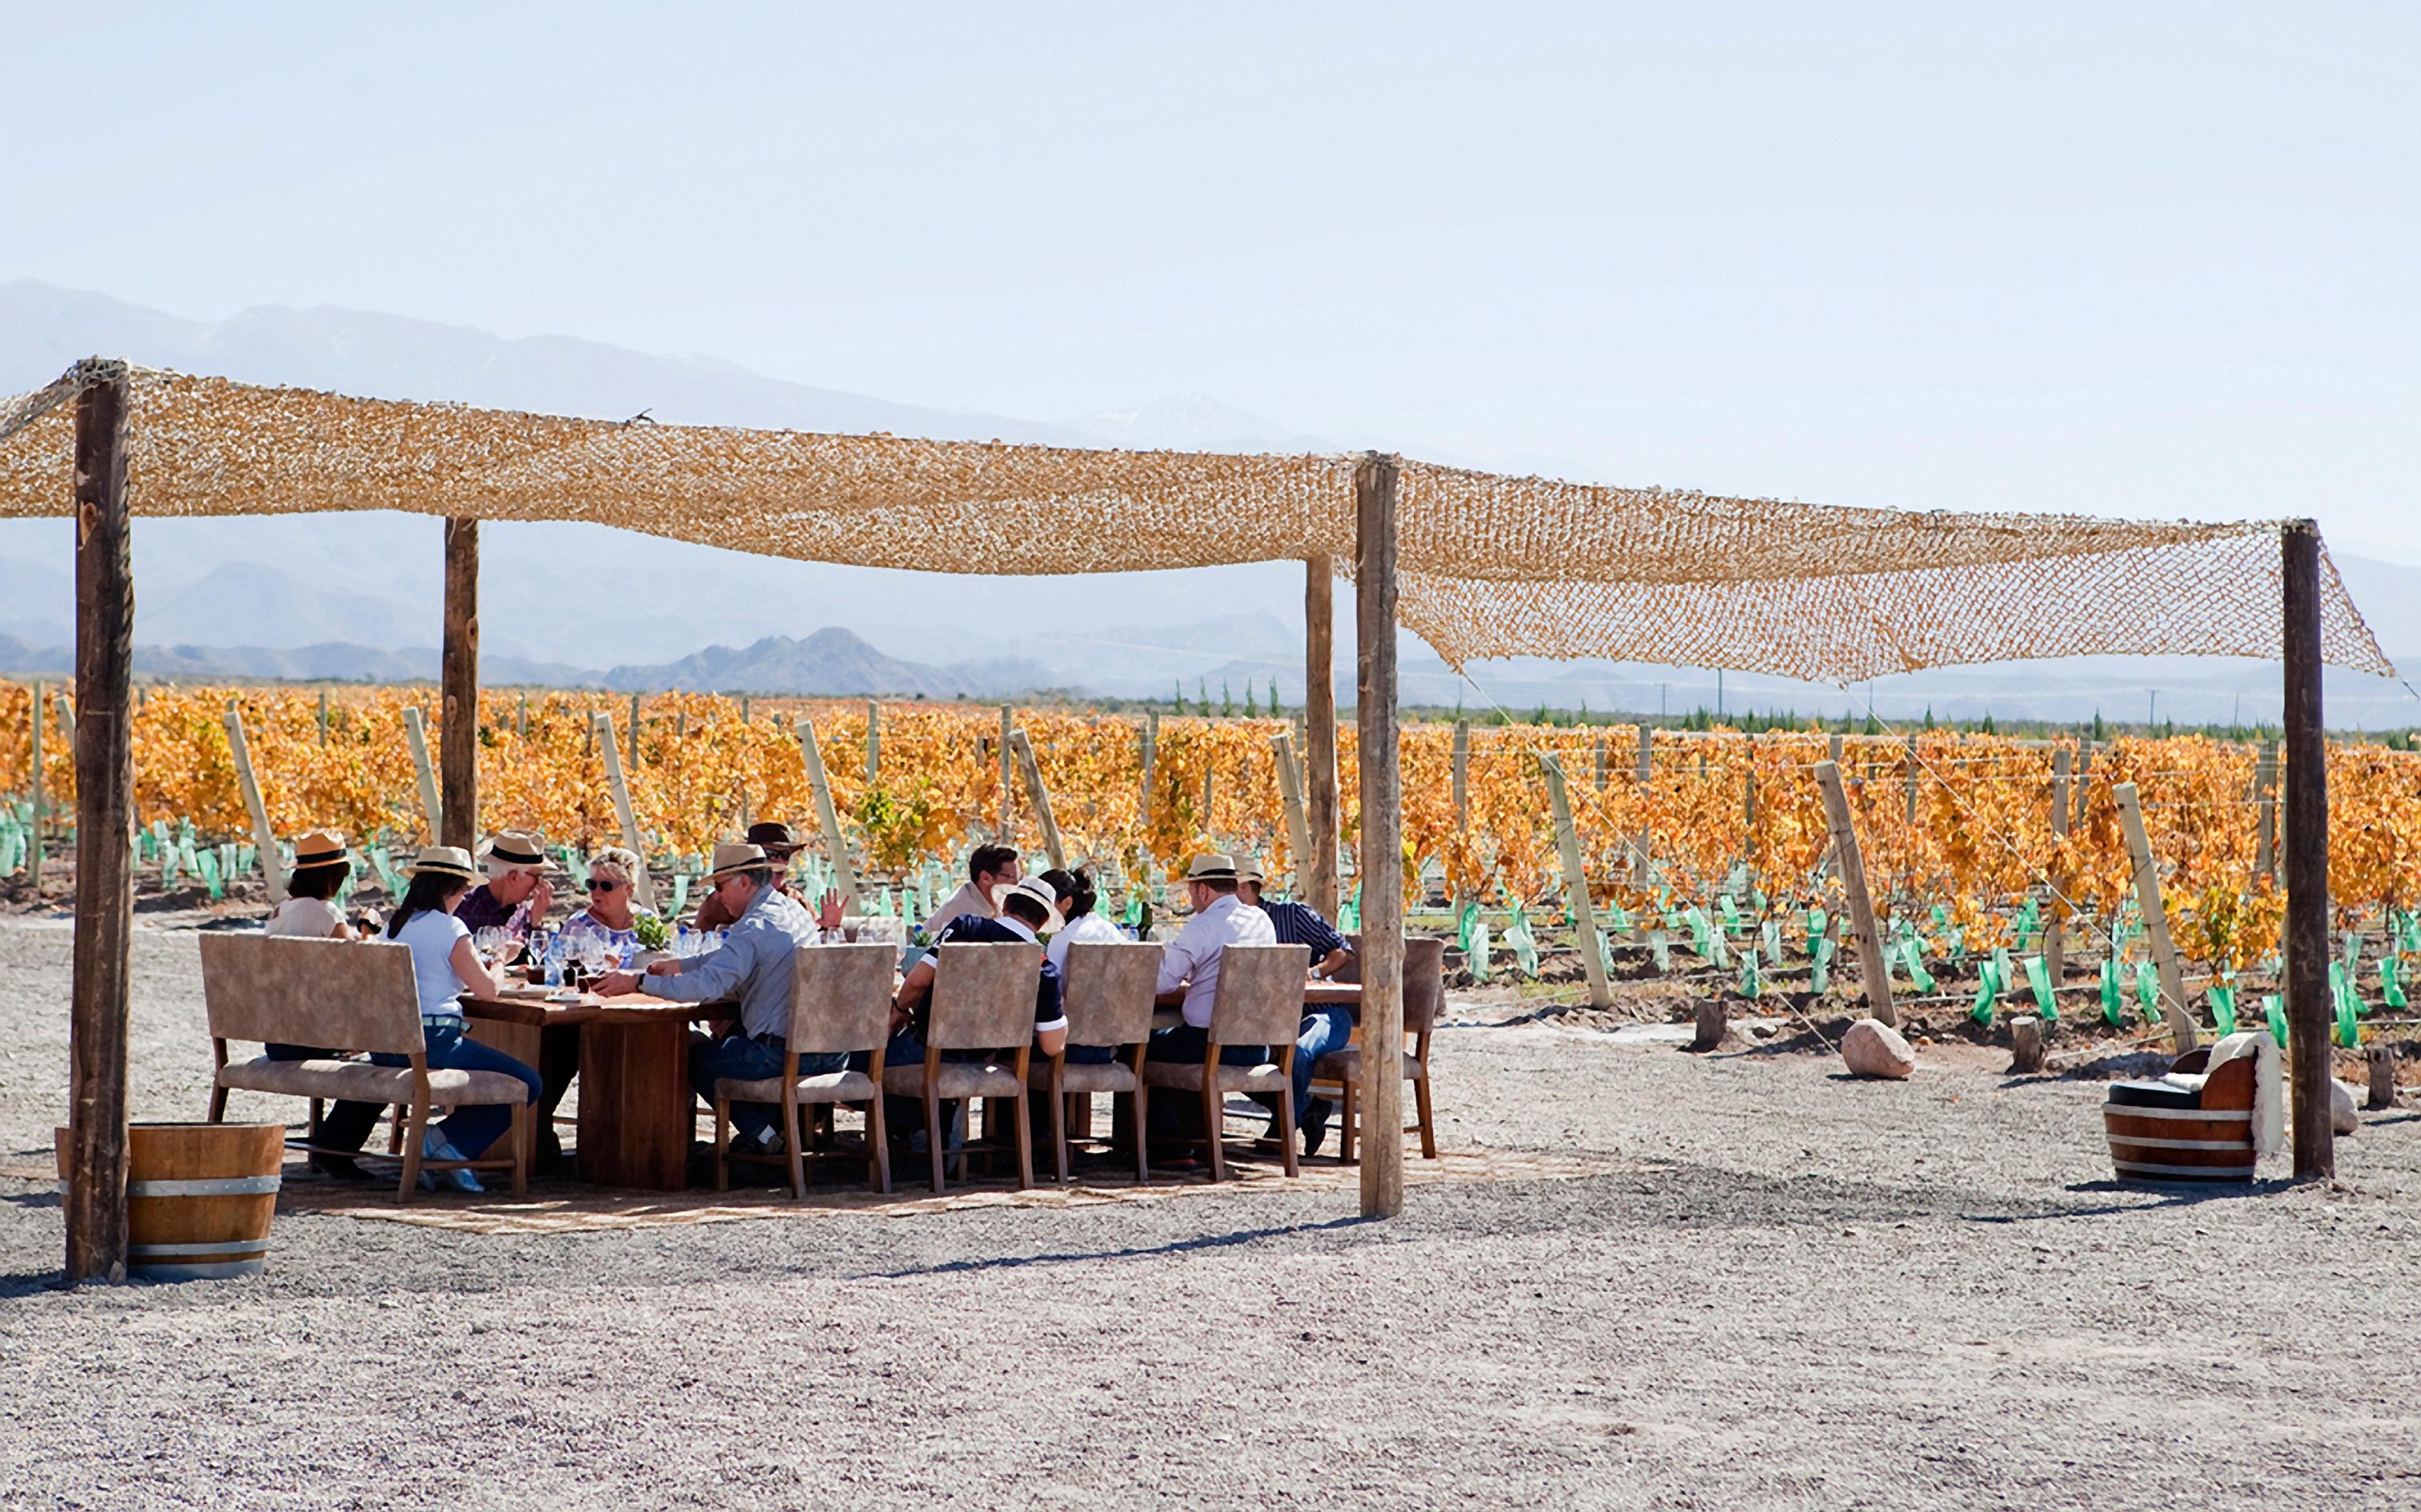 Celebre a Vendimia em Mendoza no Casa de Uco